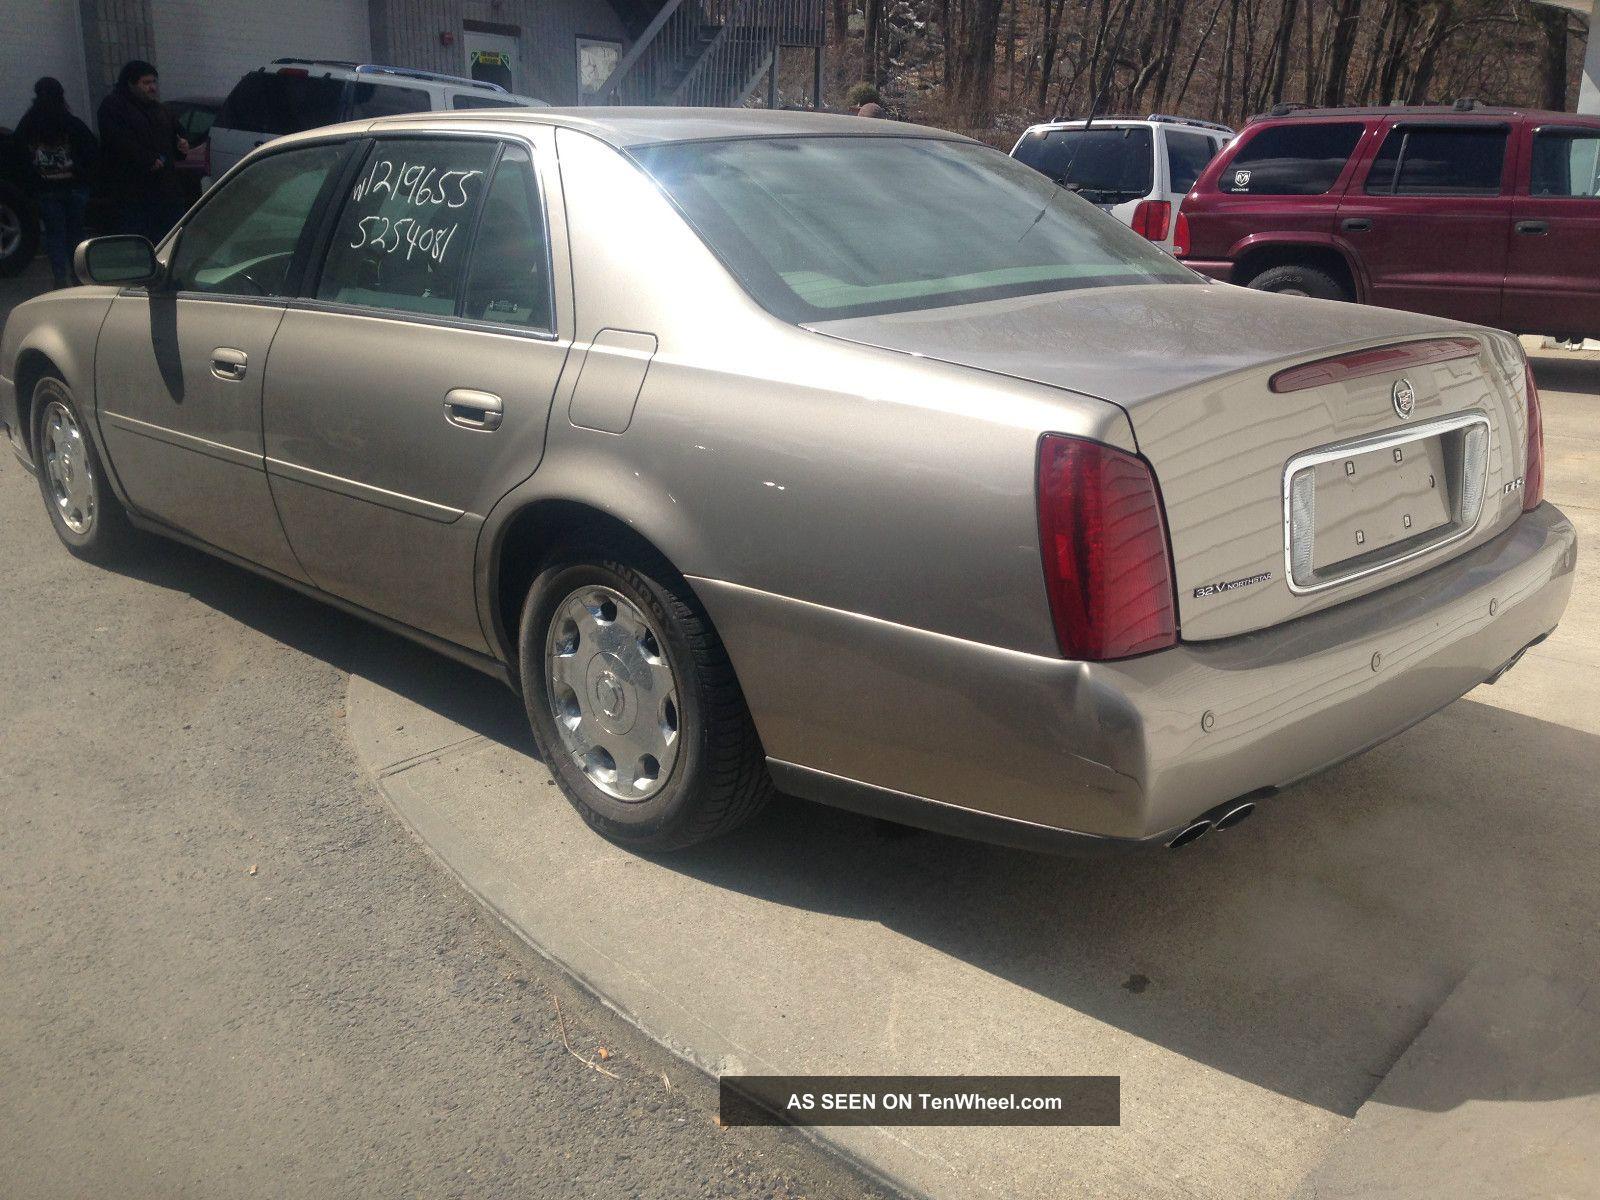 2002 Cadillac Deville Dhs Repo Repo Repo